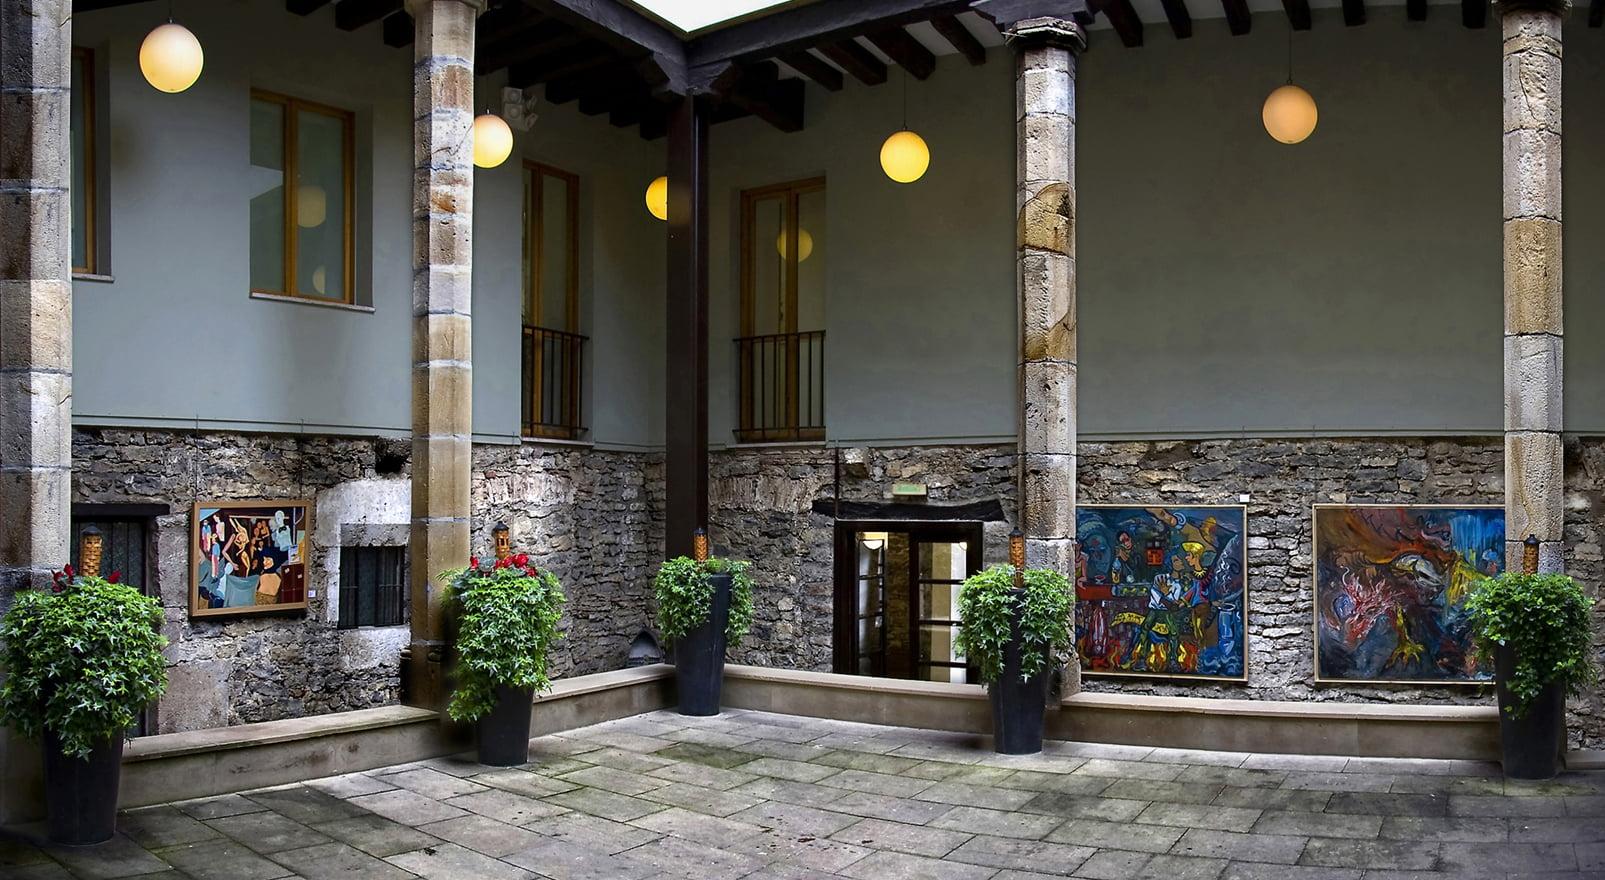 Patio del Palacio de Villasuso